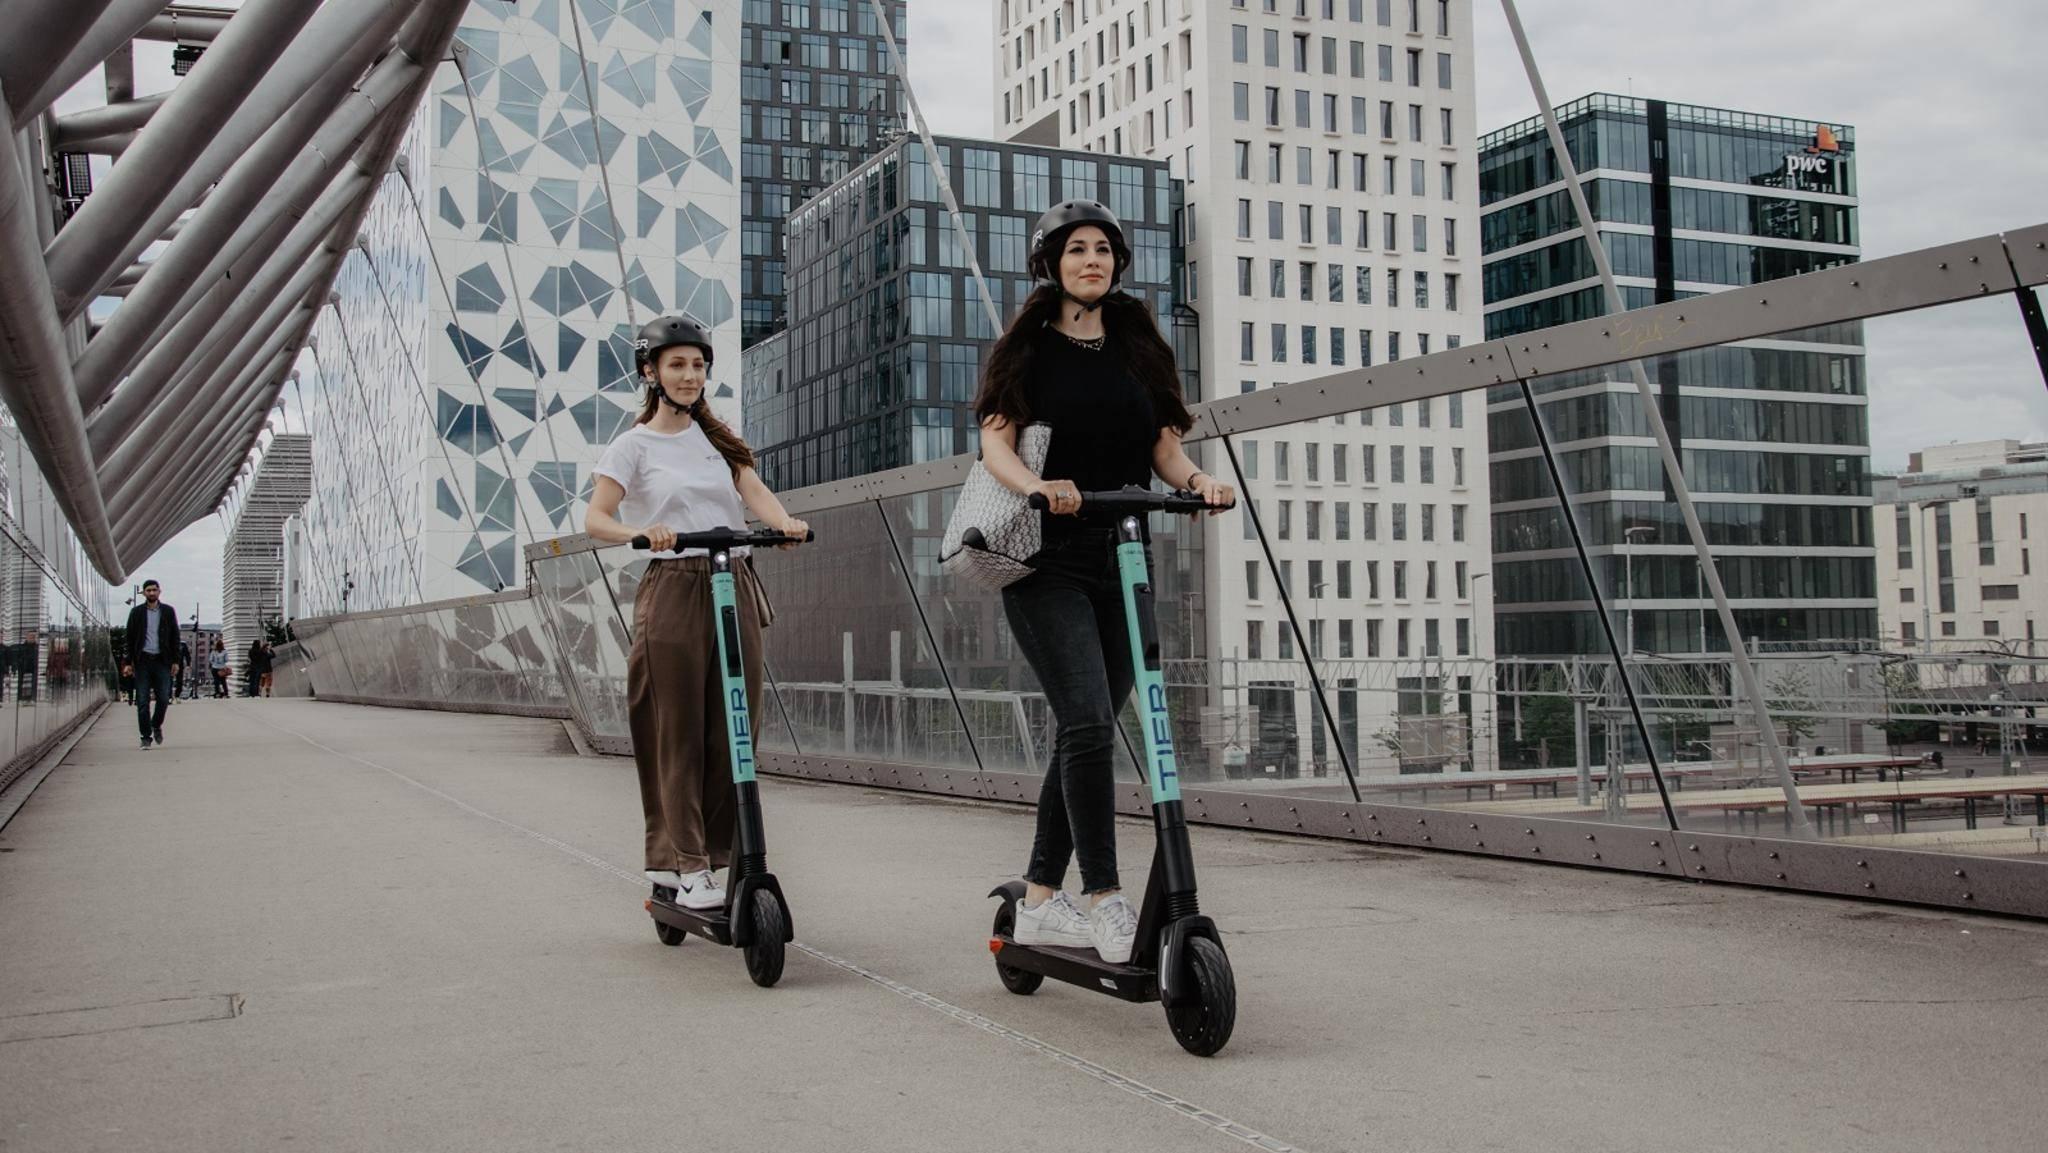 Mit E-Scootern in der Stadt unterwegs